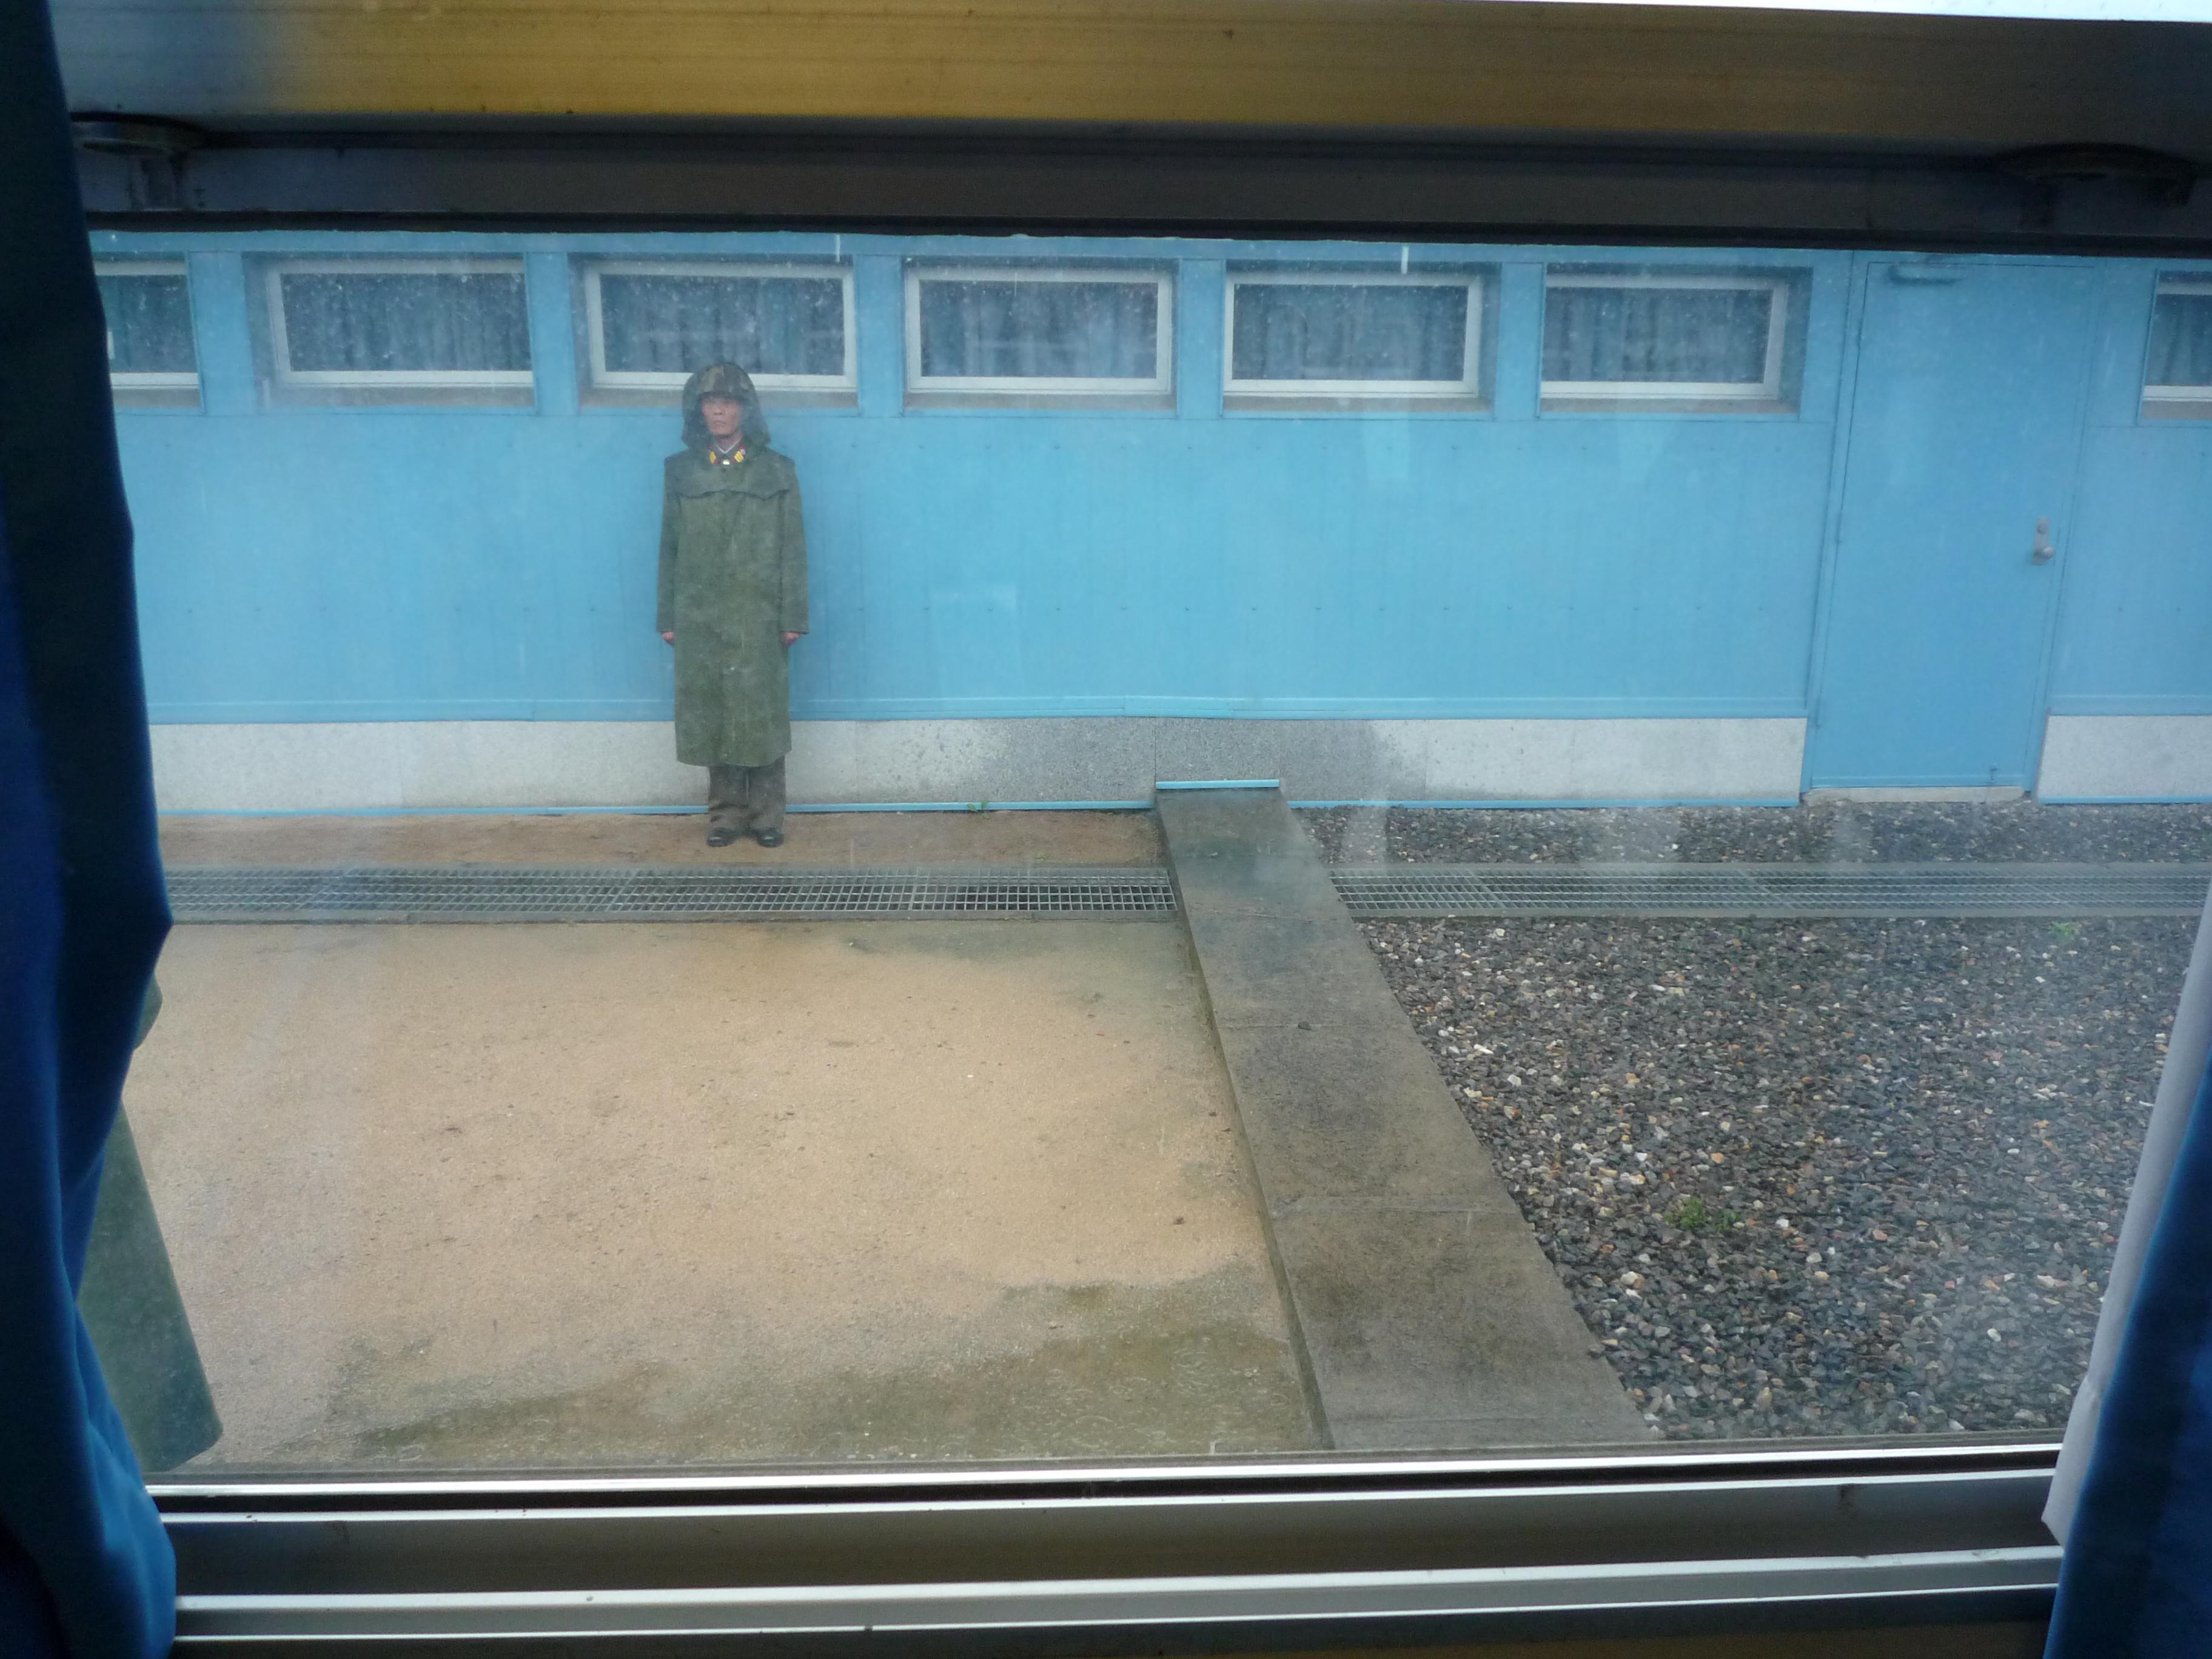 北朝鮮、韓国と一気に「準戦時状態」に 「22日午後5時」がポイント(国境の写真付き)